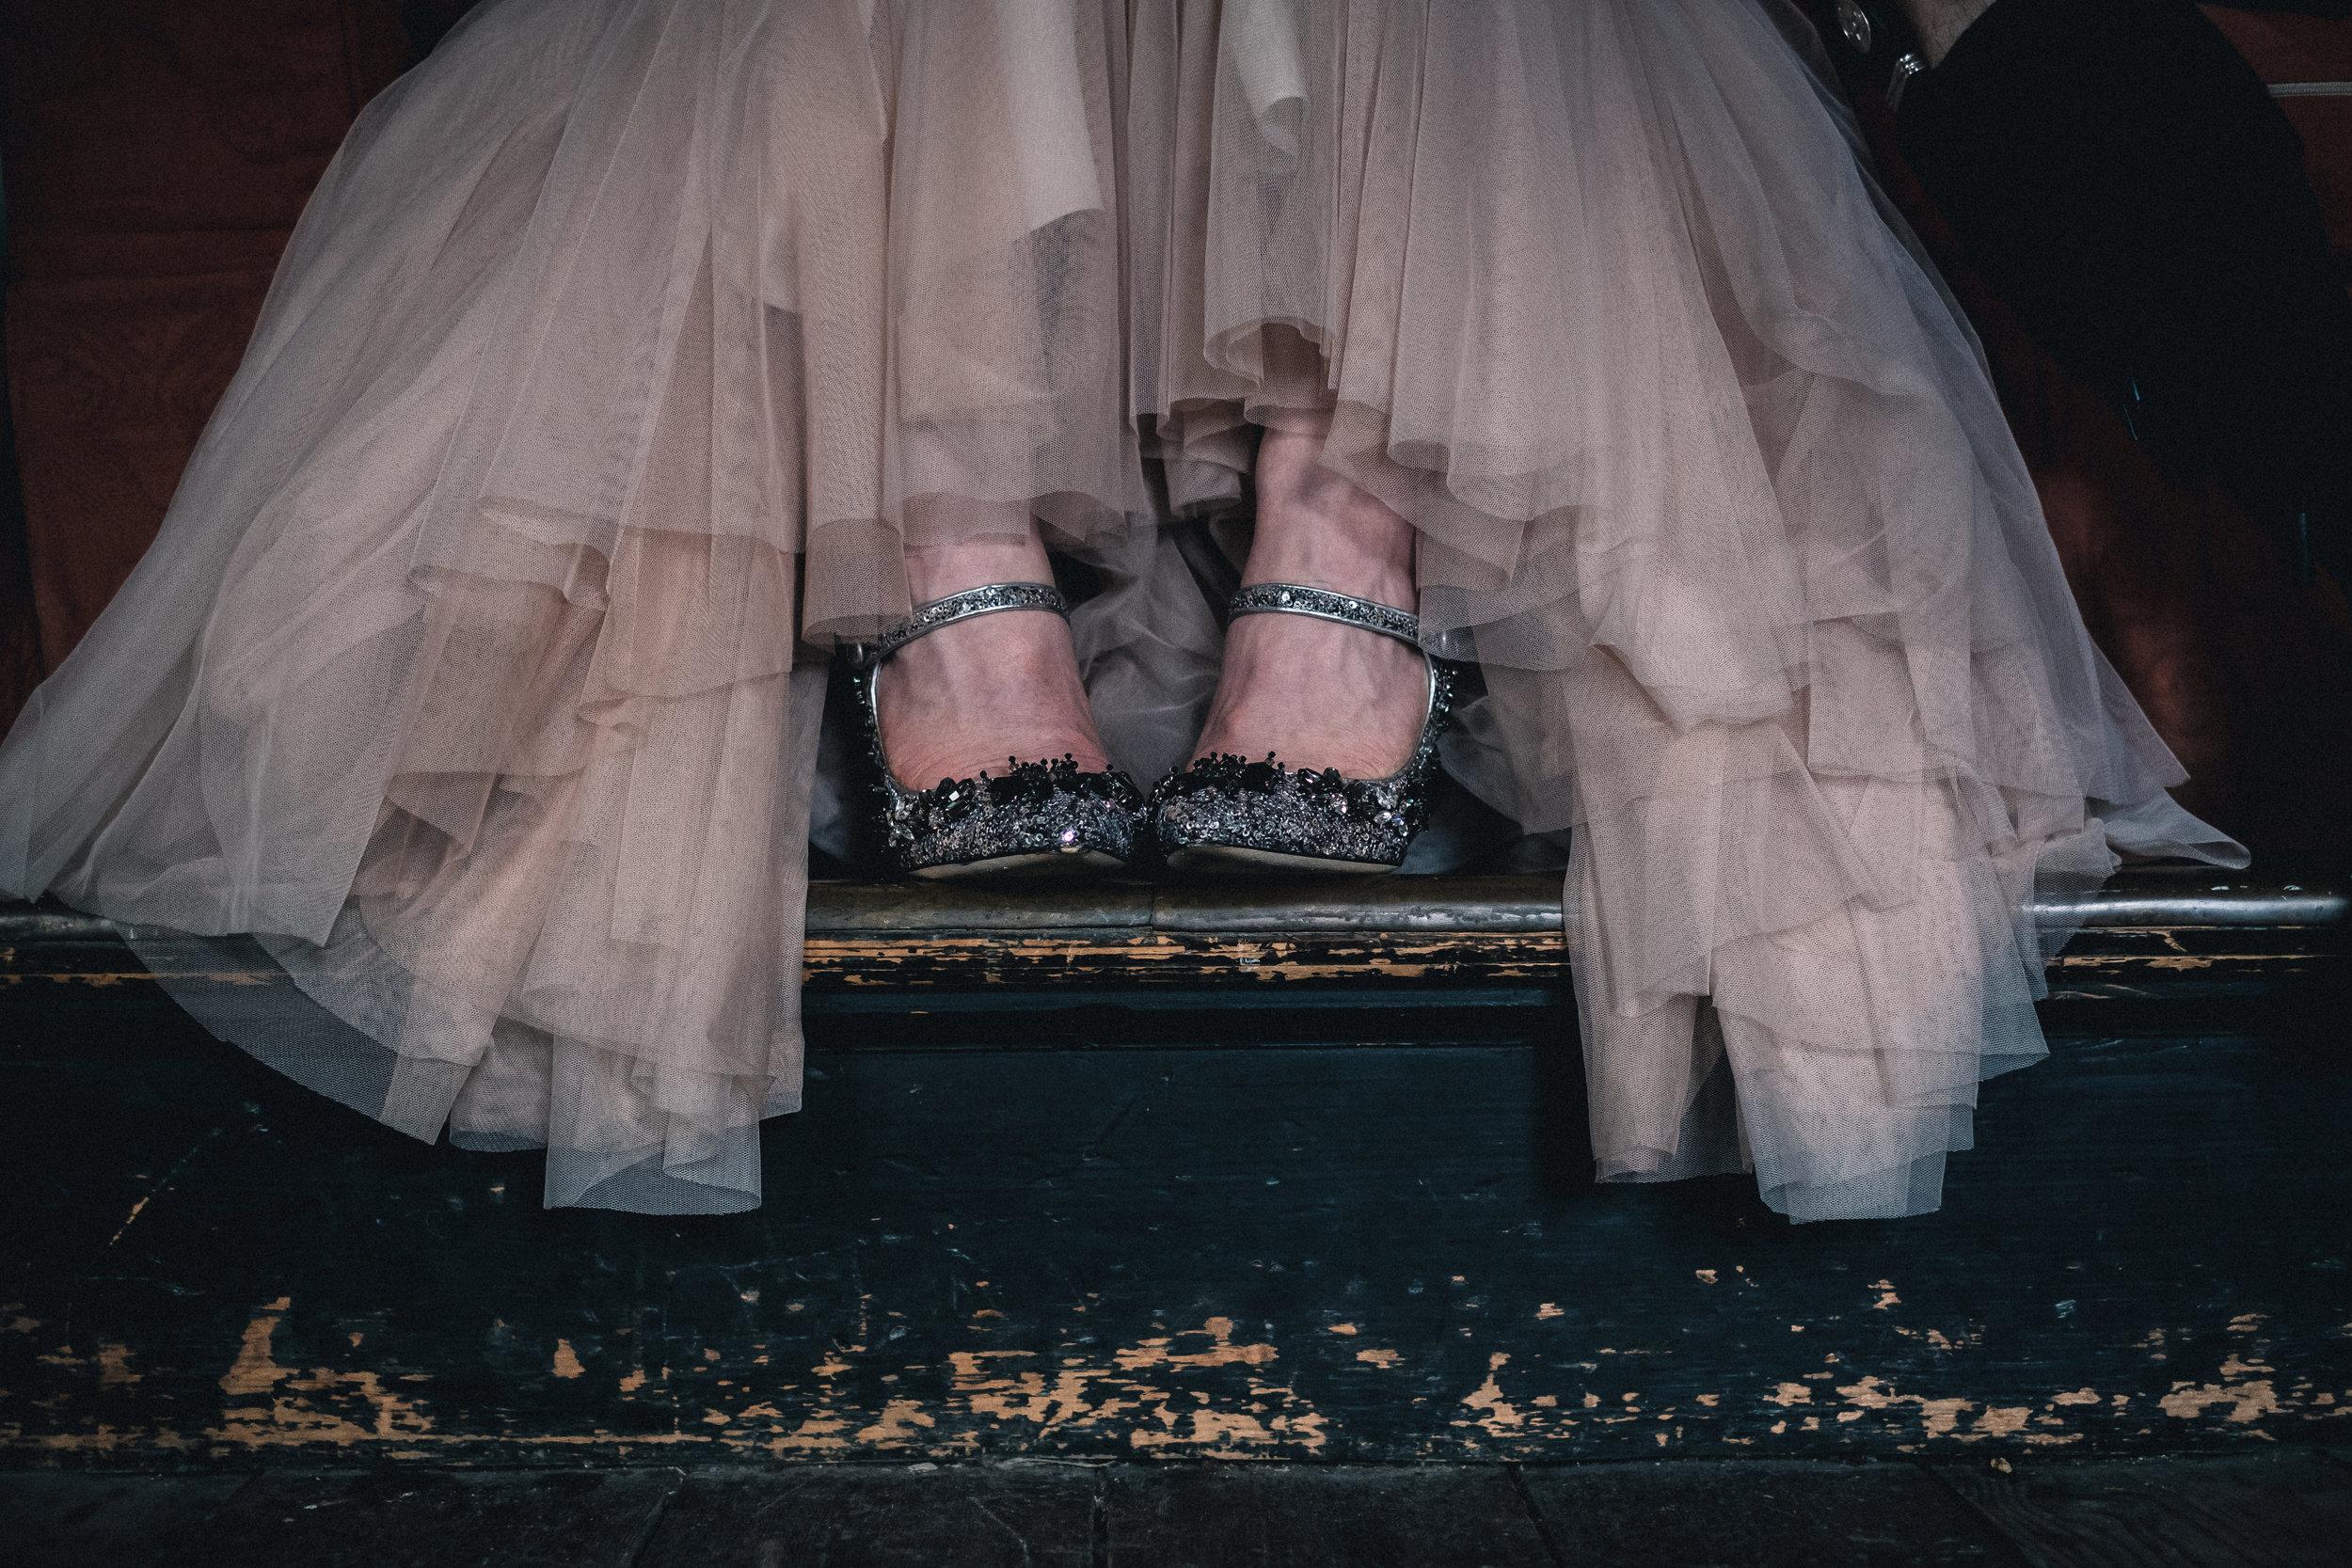 Silver Prada shoes